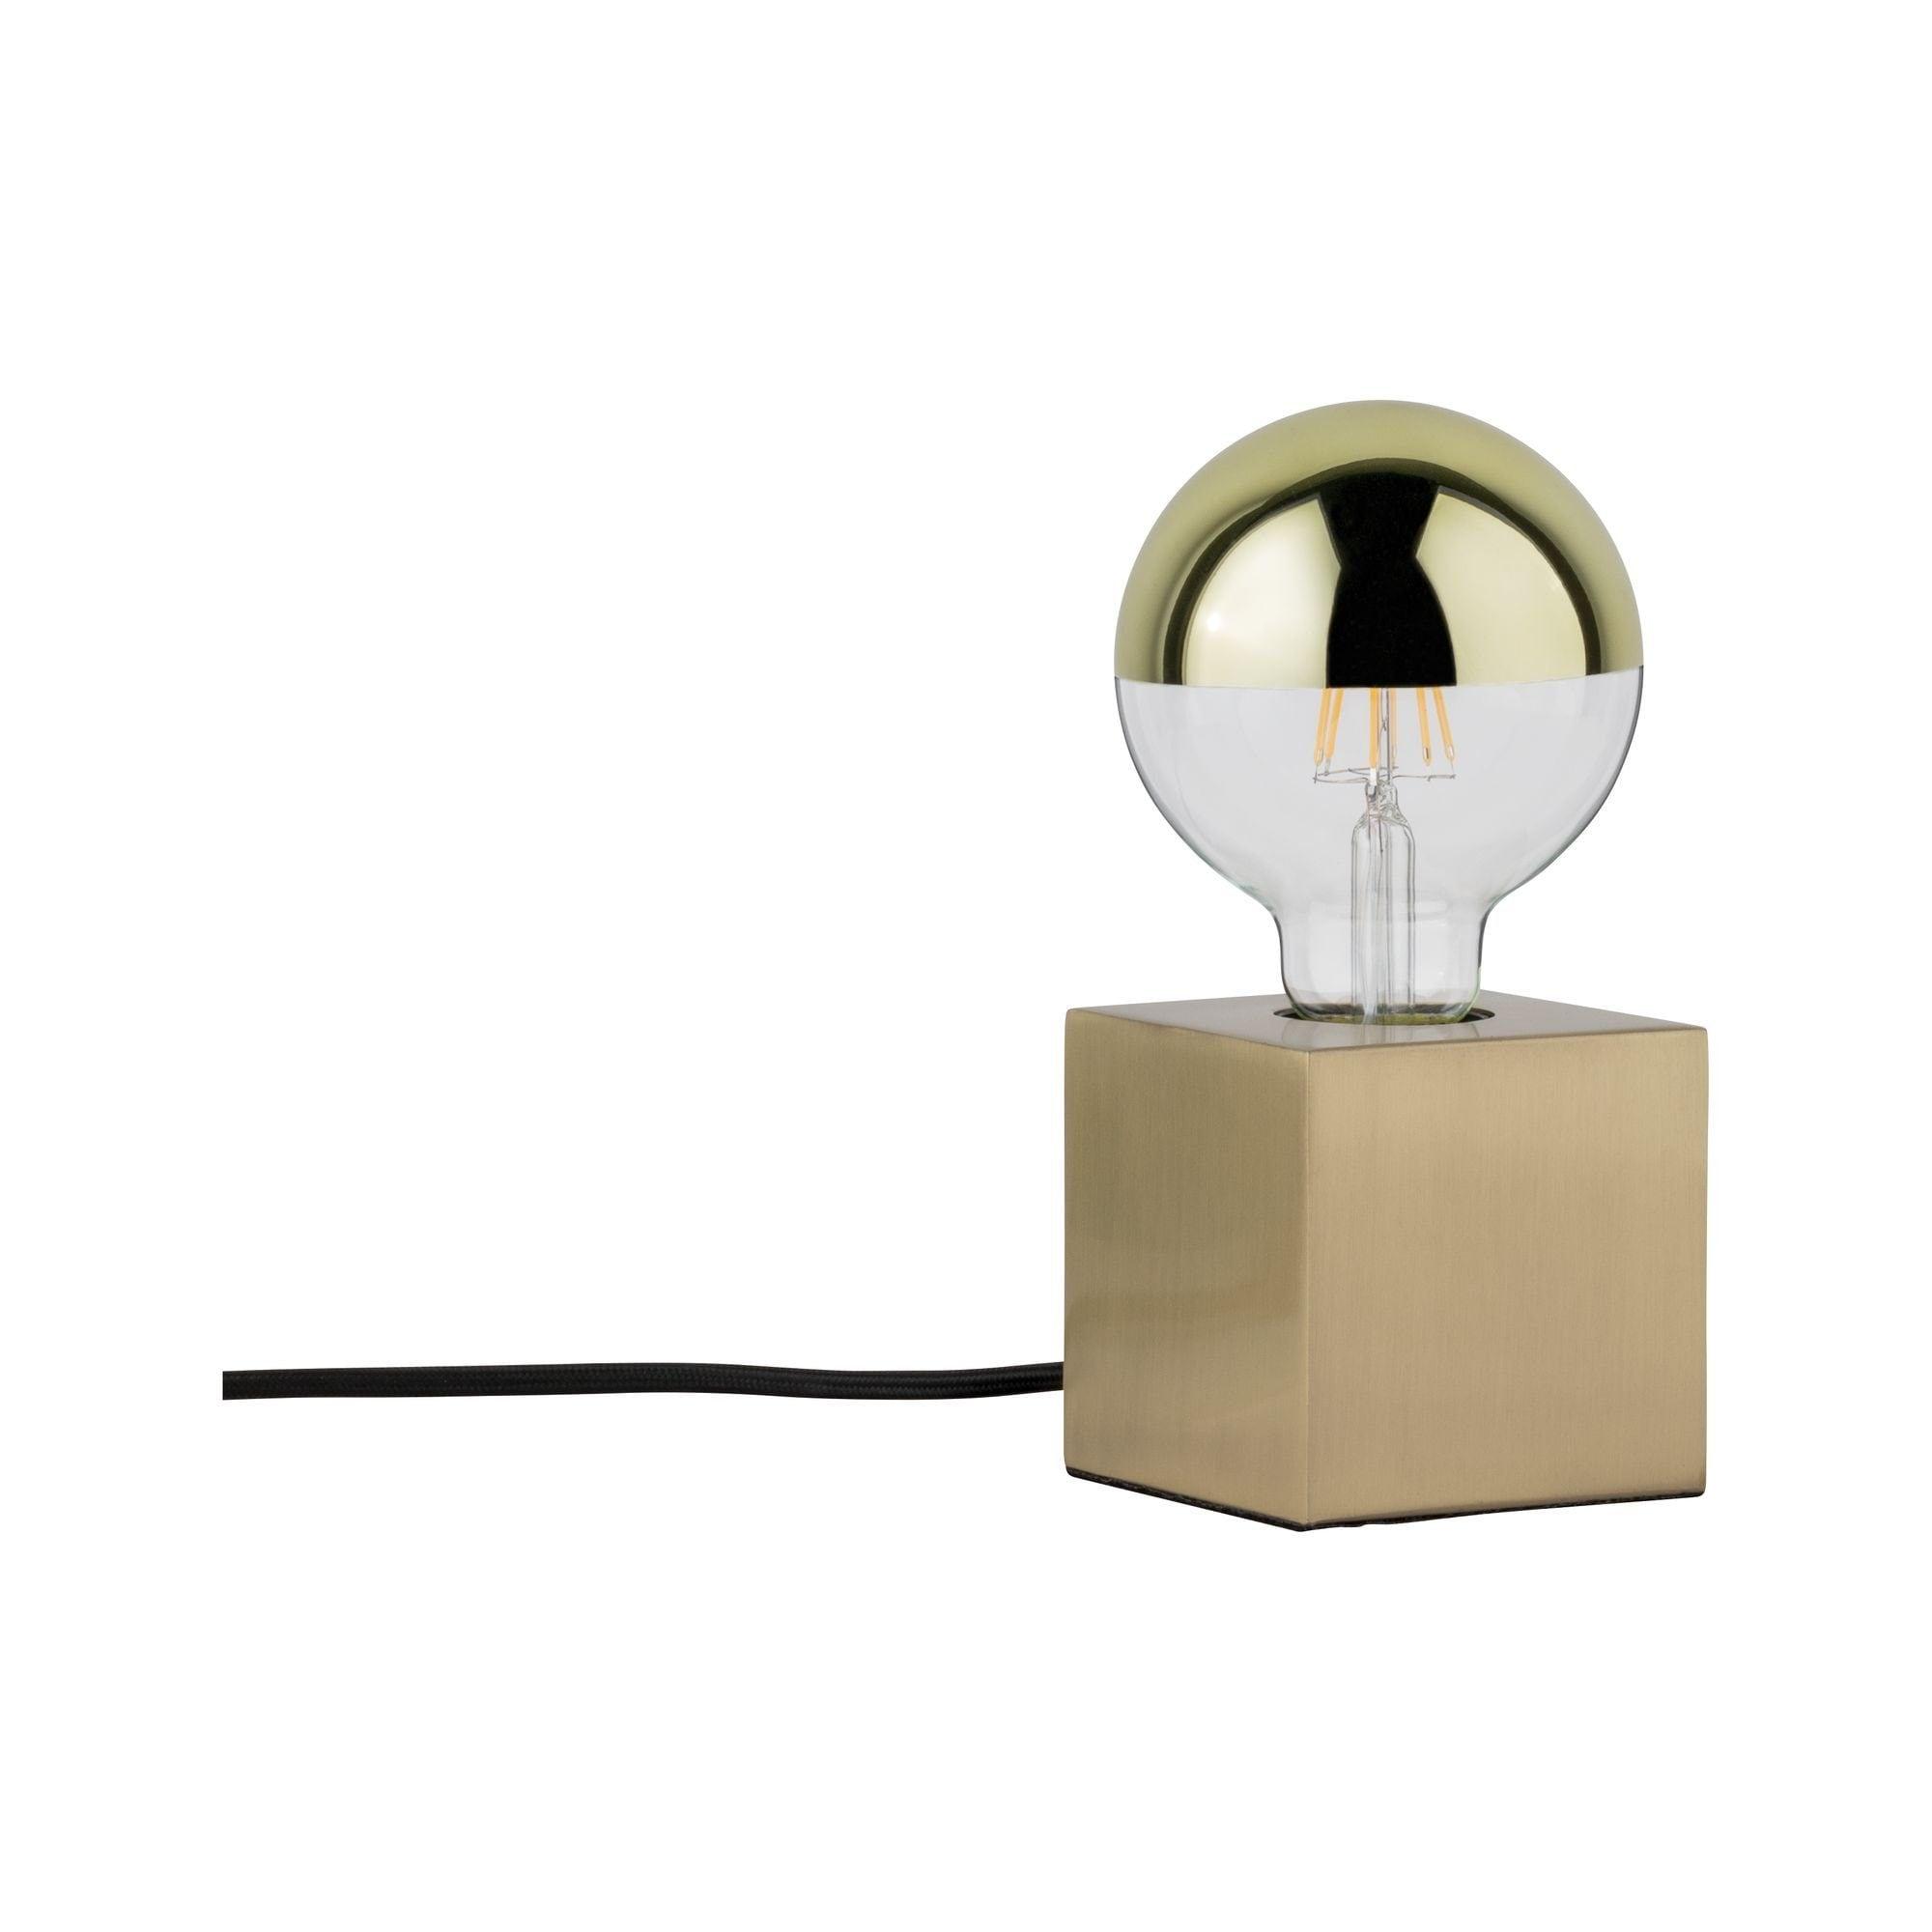 Paulmann,LED Tischleuchte Dilja Messing gebürstet, max. 20W E27